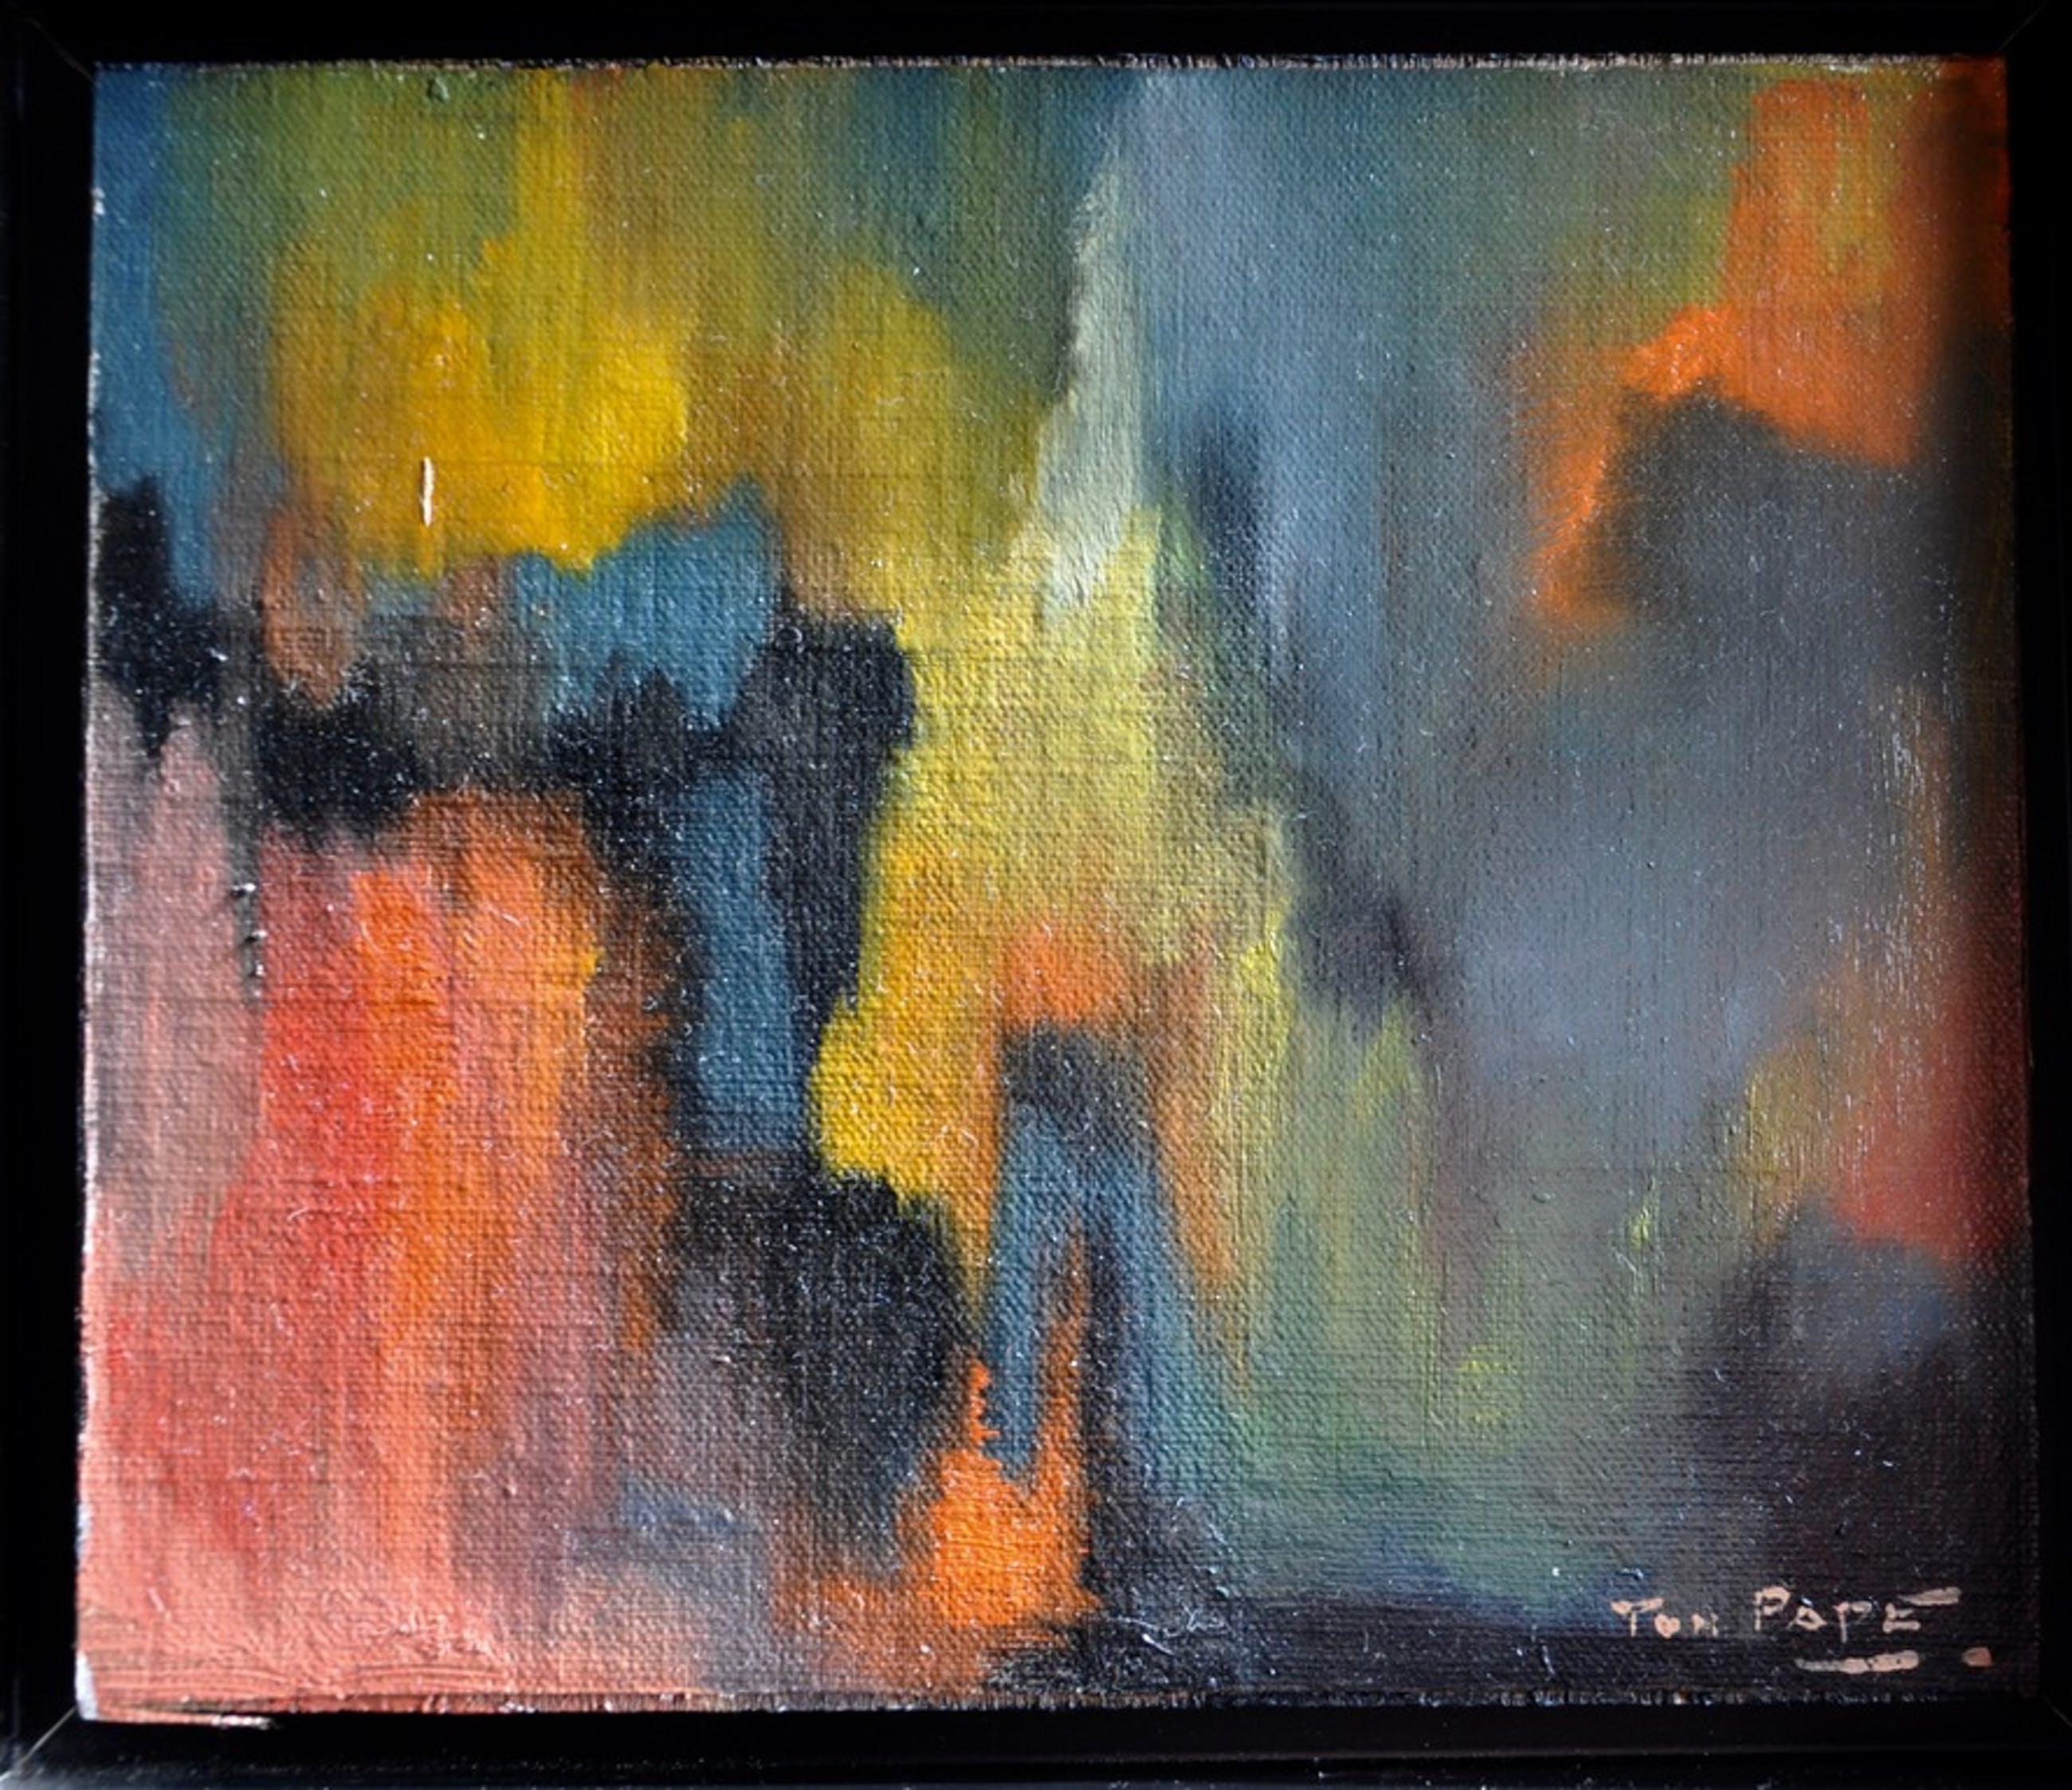 Ton Pape - Abstracte compositie kopen? Bied vanaf 69!